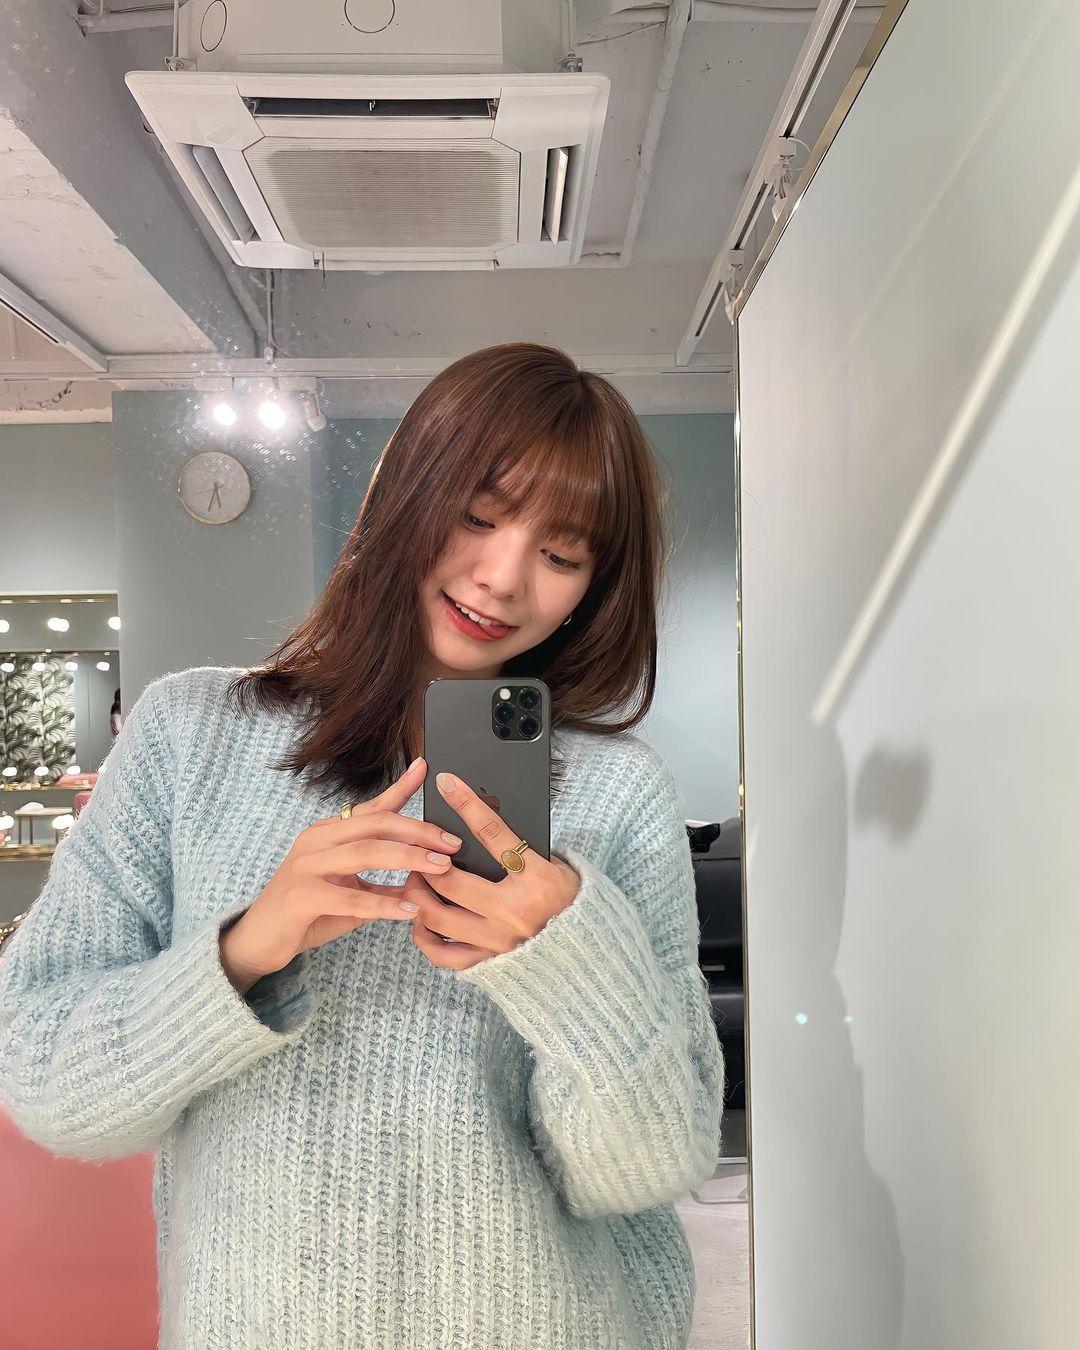 清纯美少女川津明日香日本知名模特儿兼女演员 网络美女 第4张